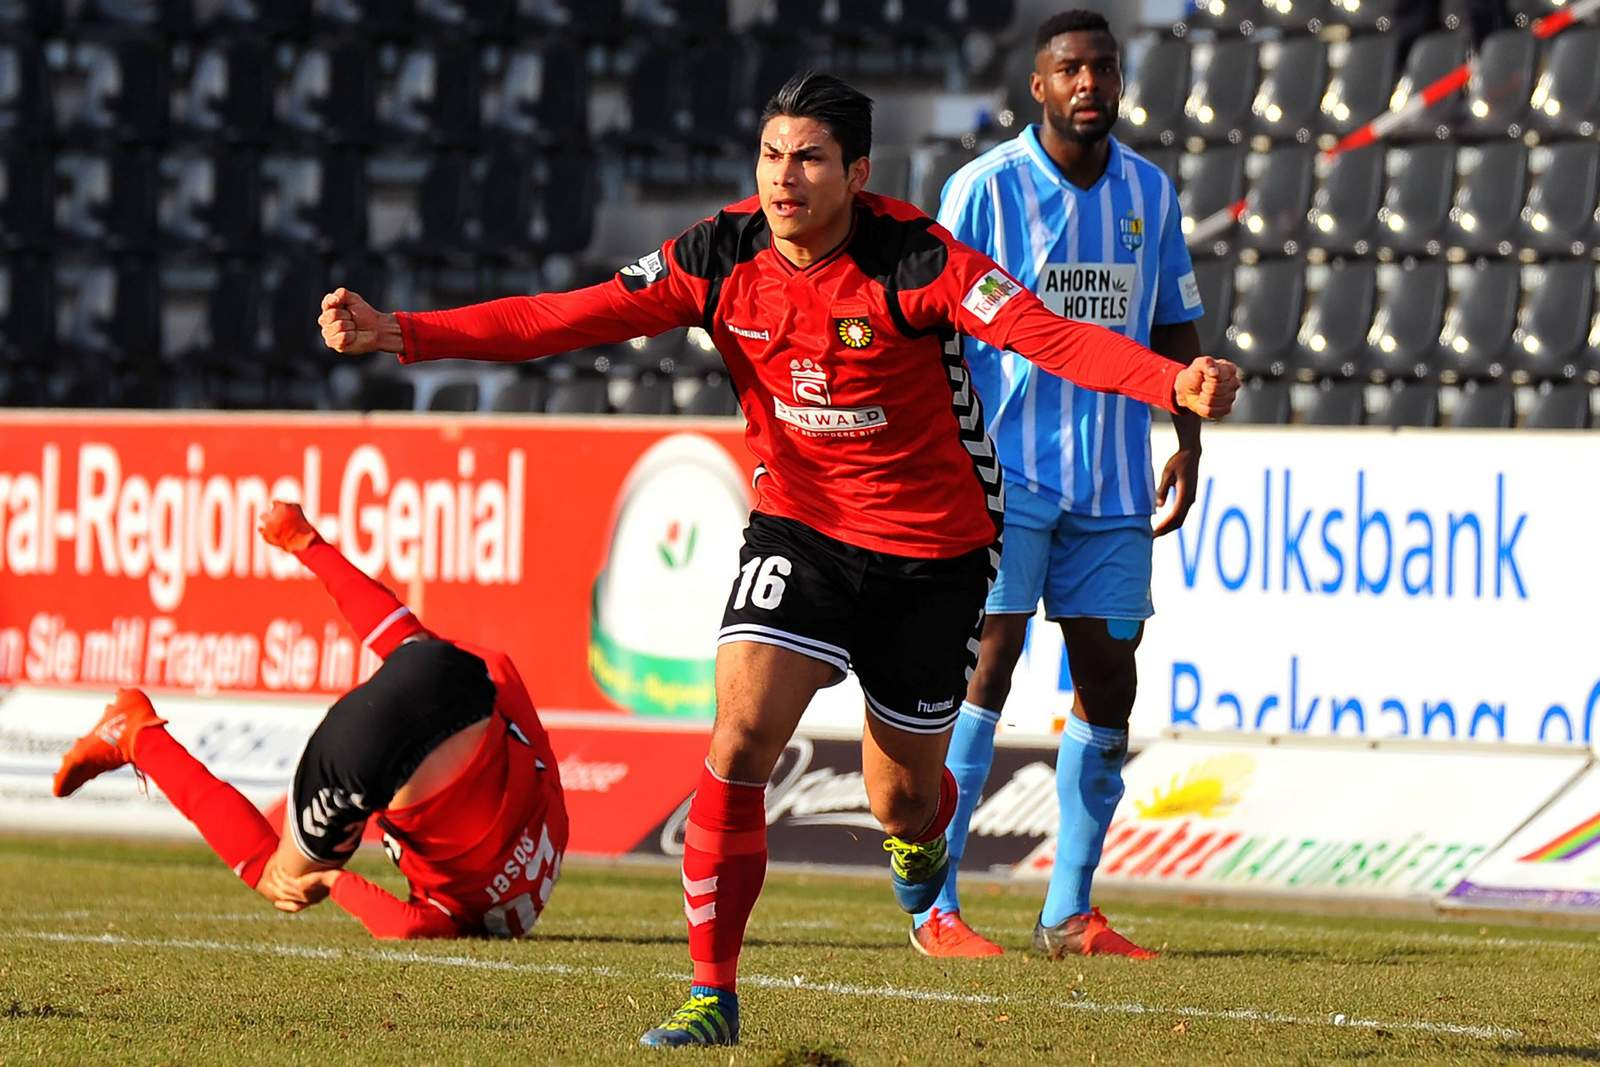 Mario Rodriguéz bejubelt sein Tor gegen Chemnitz.